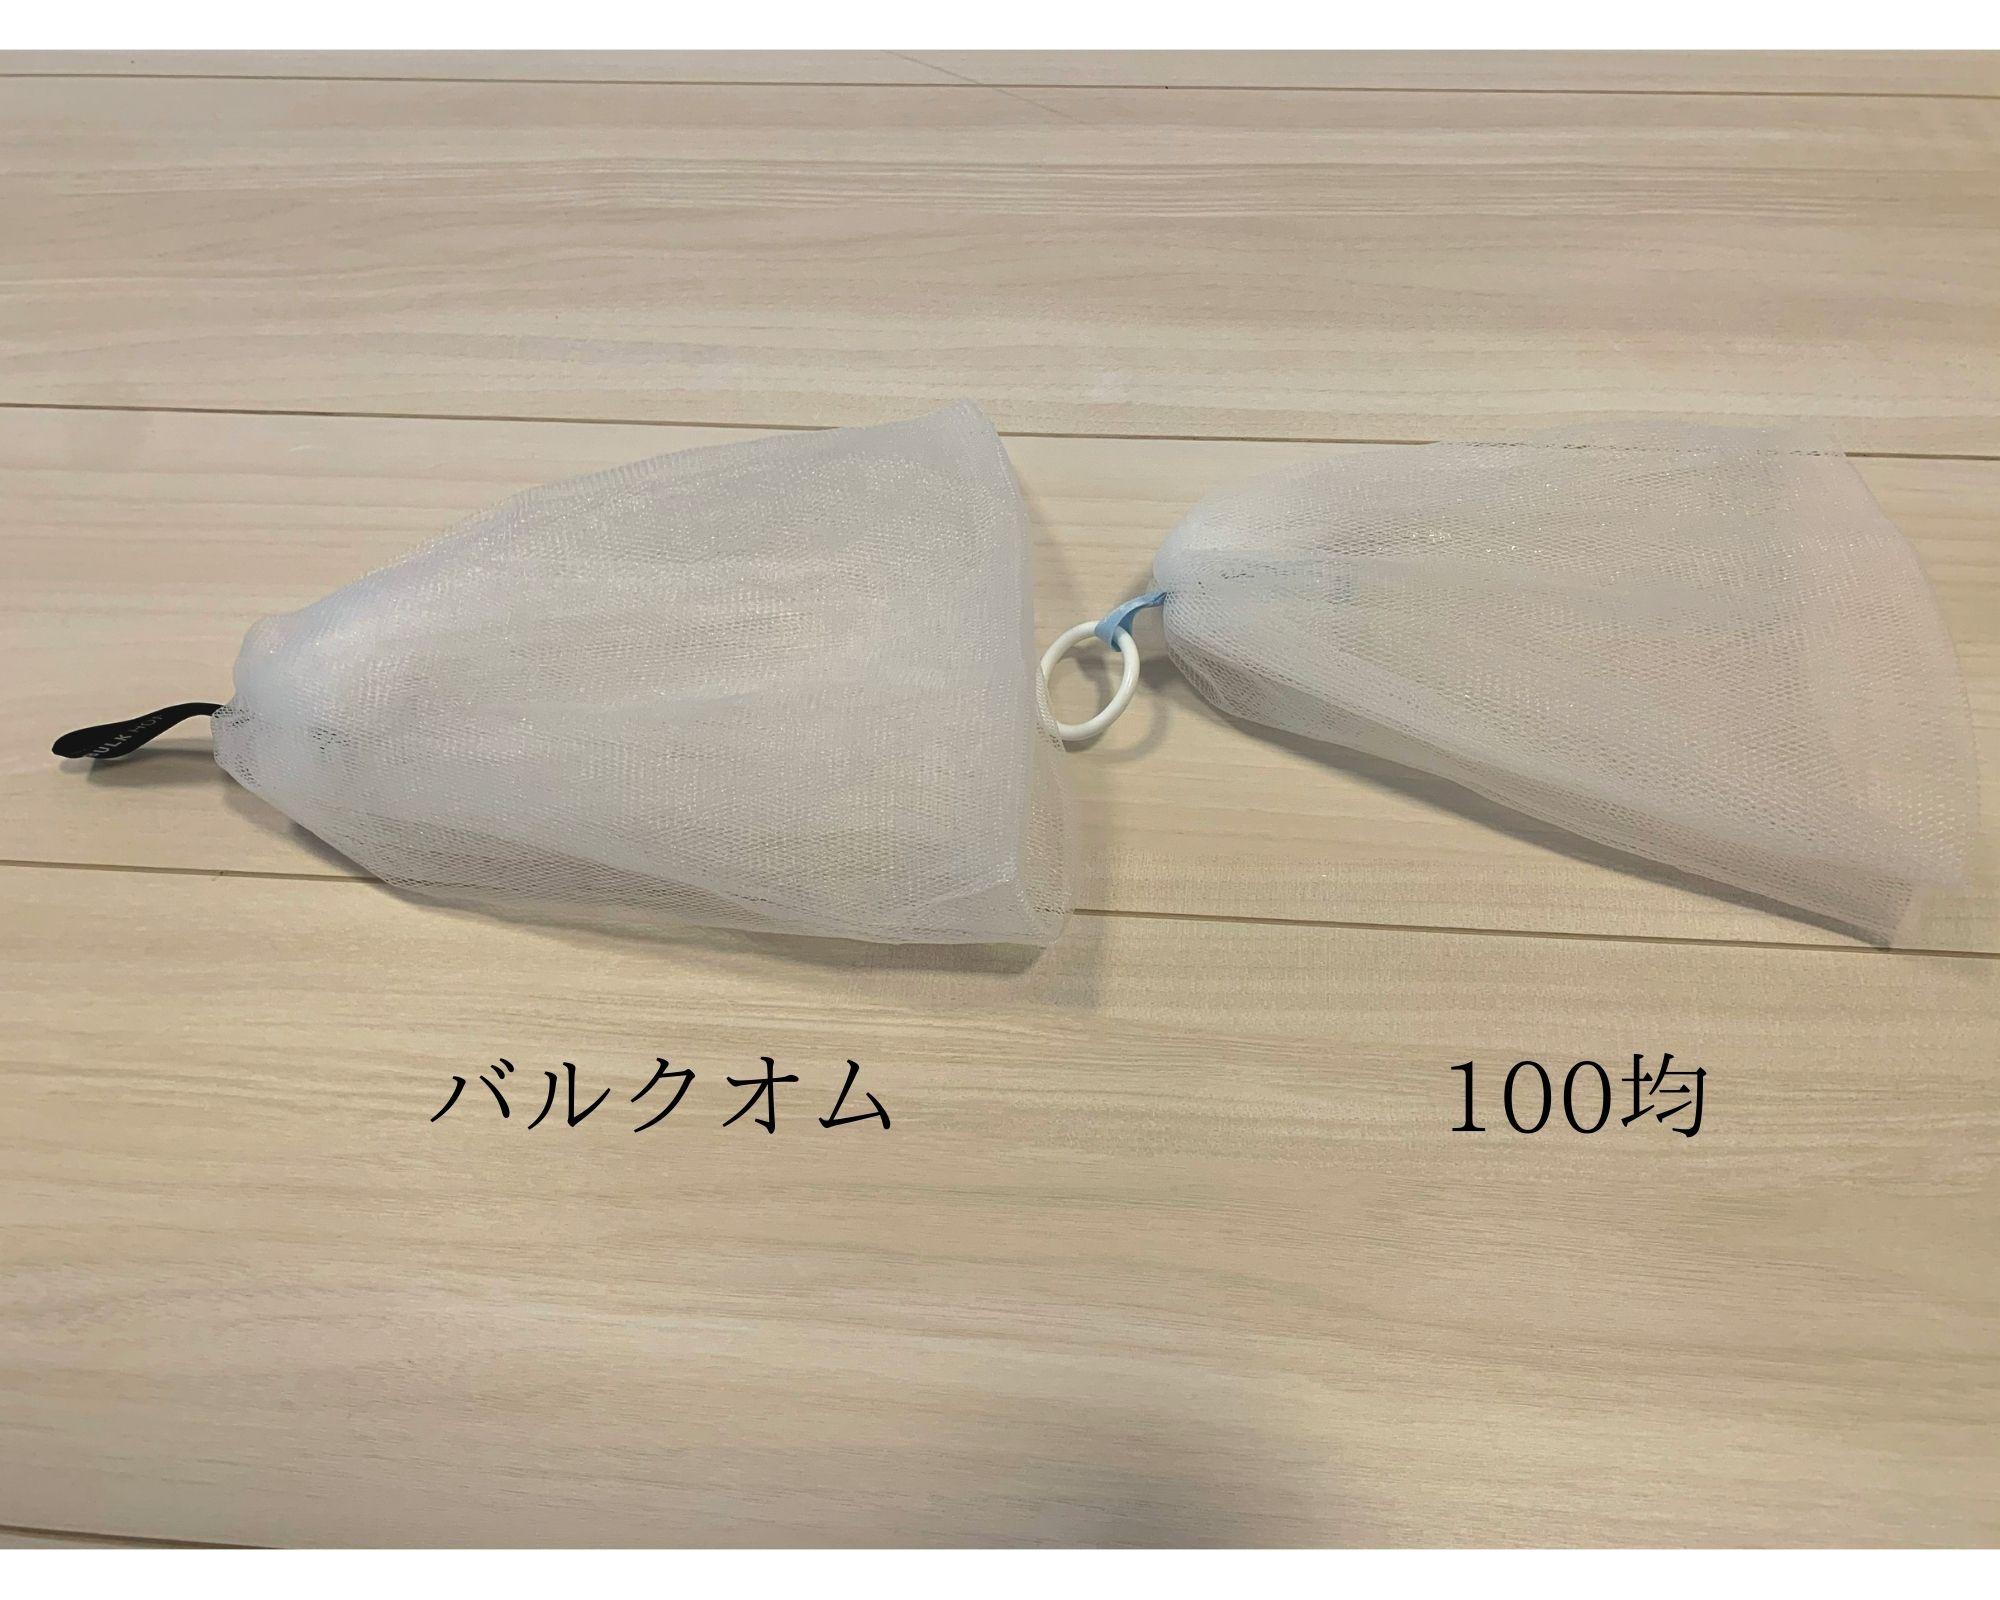 バルクオムの洗顔ネットと100均の洗顔ネットを横から見た